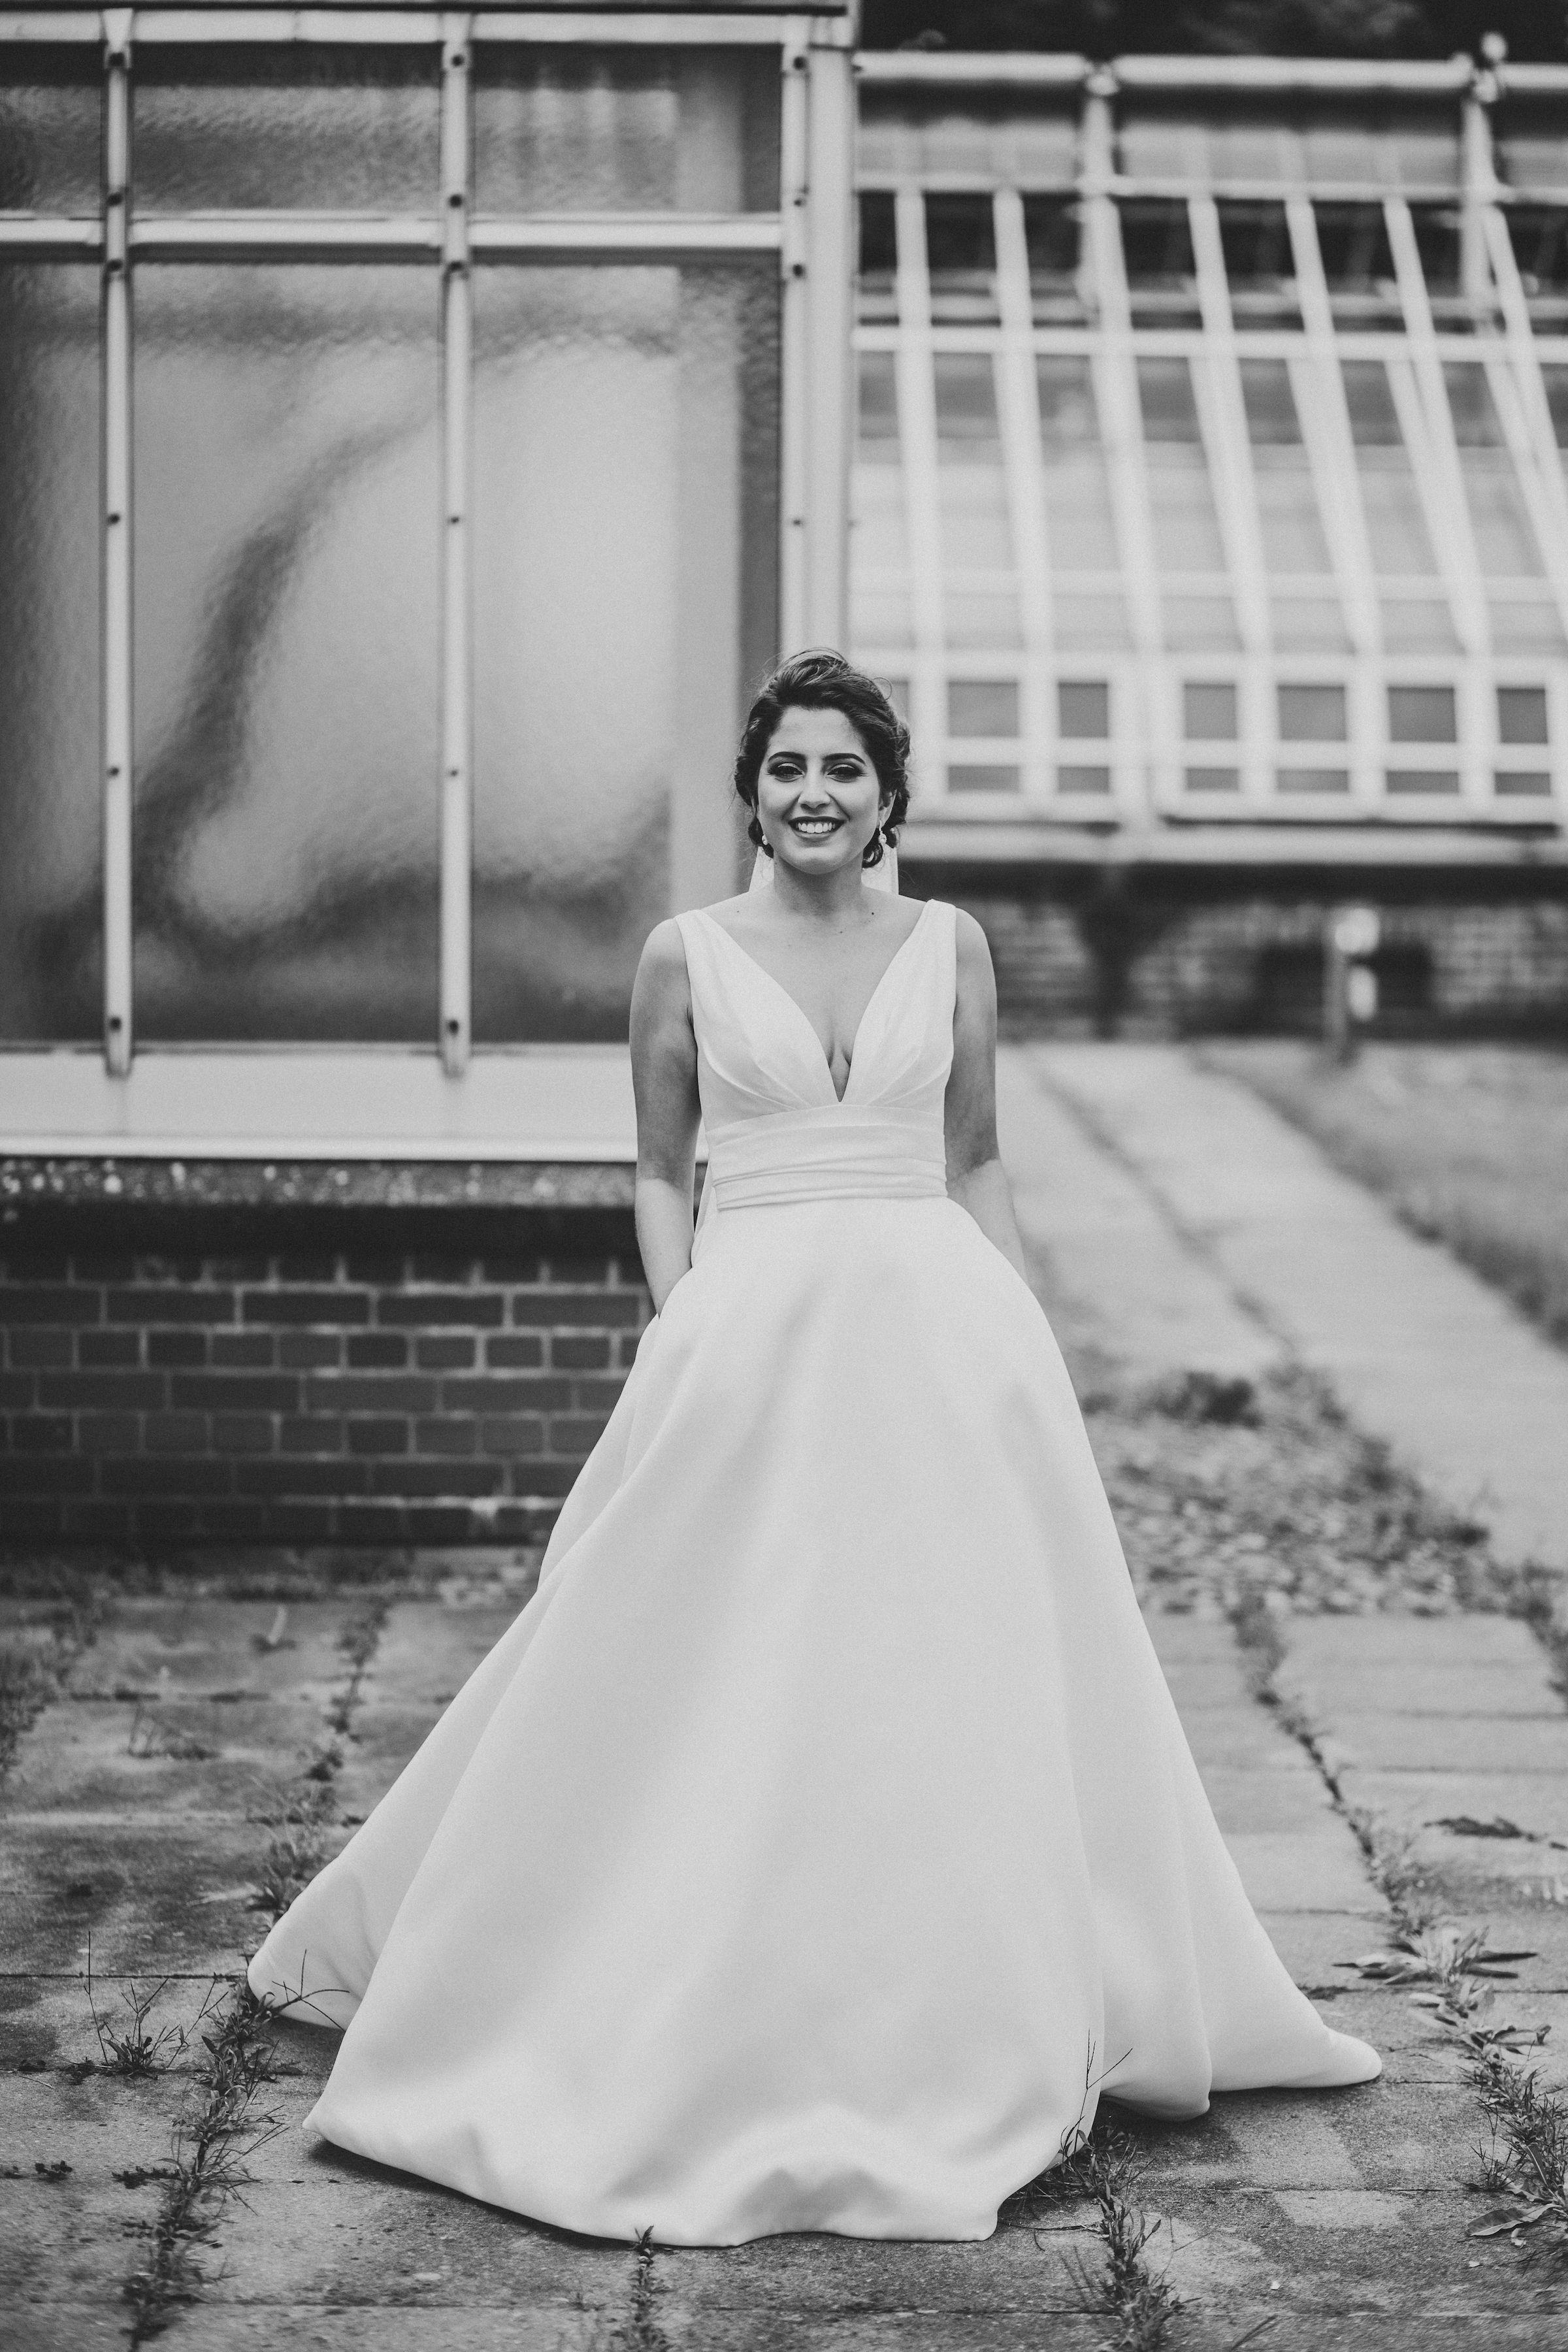 Pronovias plaza 2016 pronovias brides berlin women bridal fahsion ...